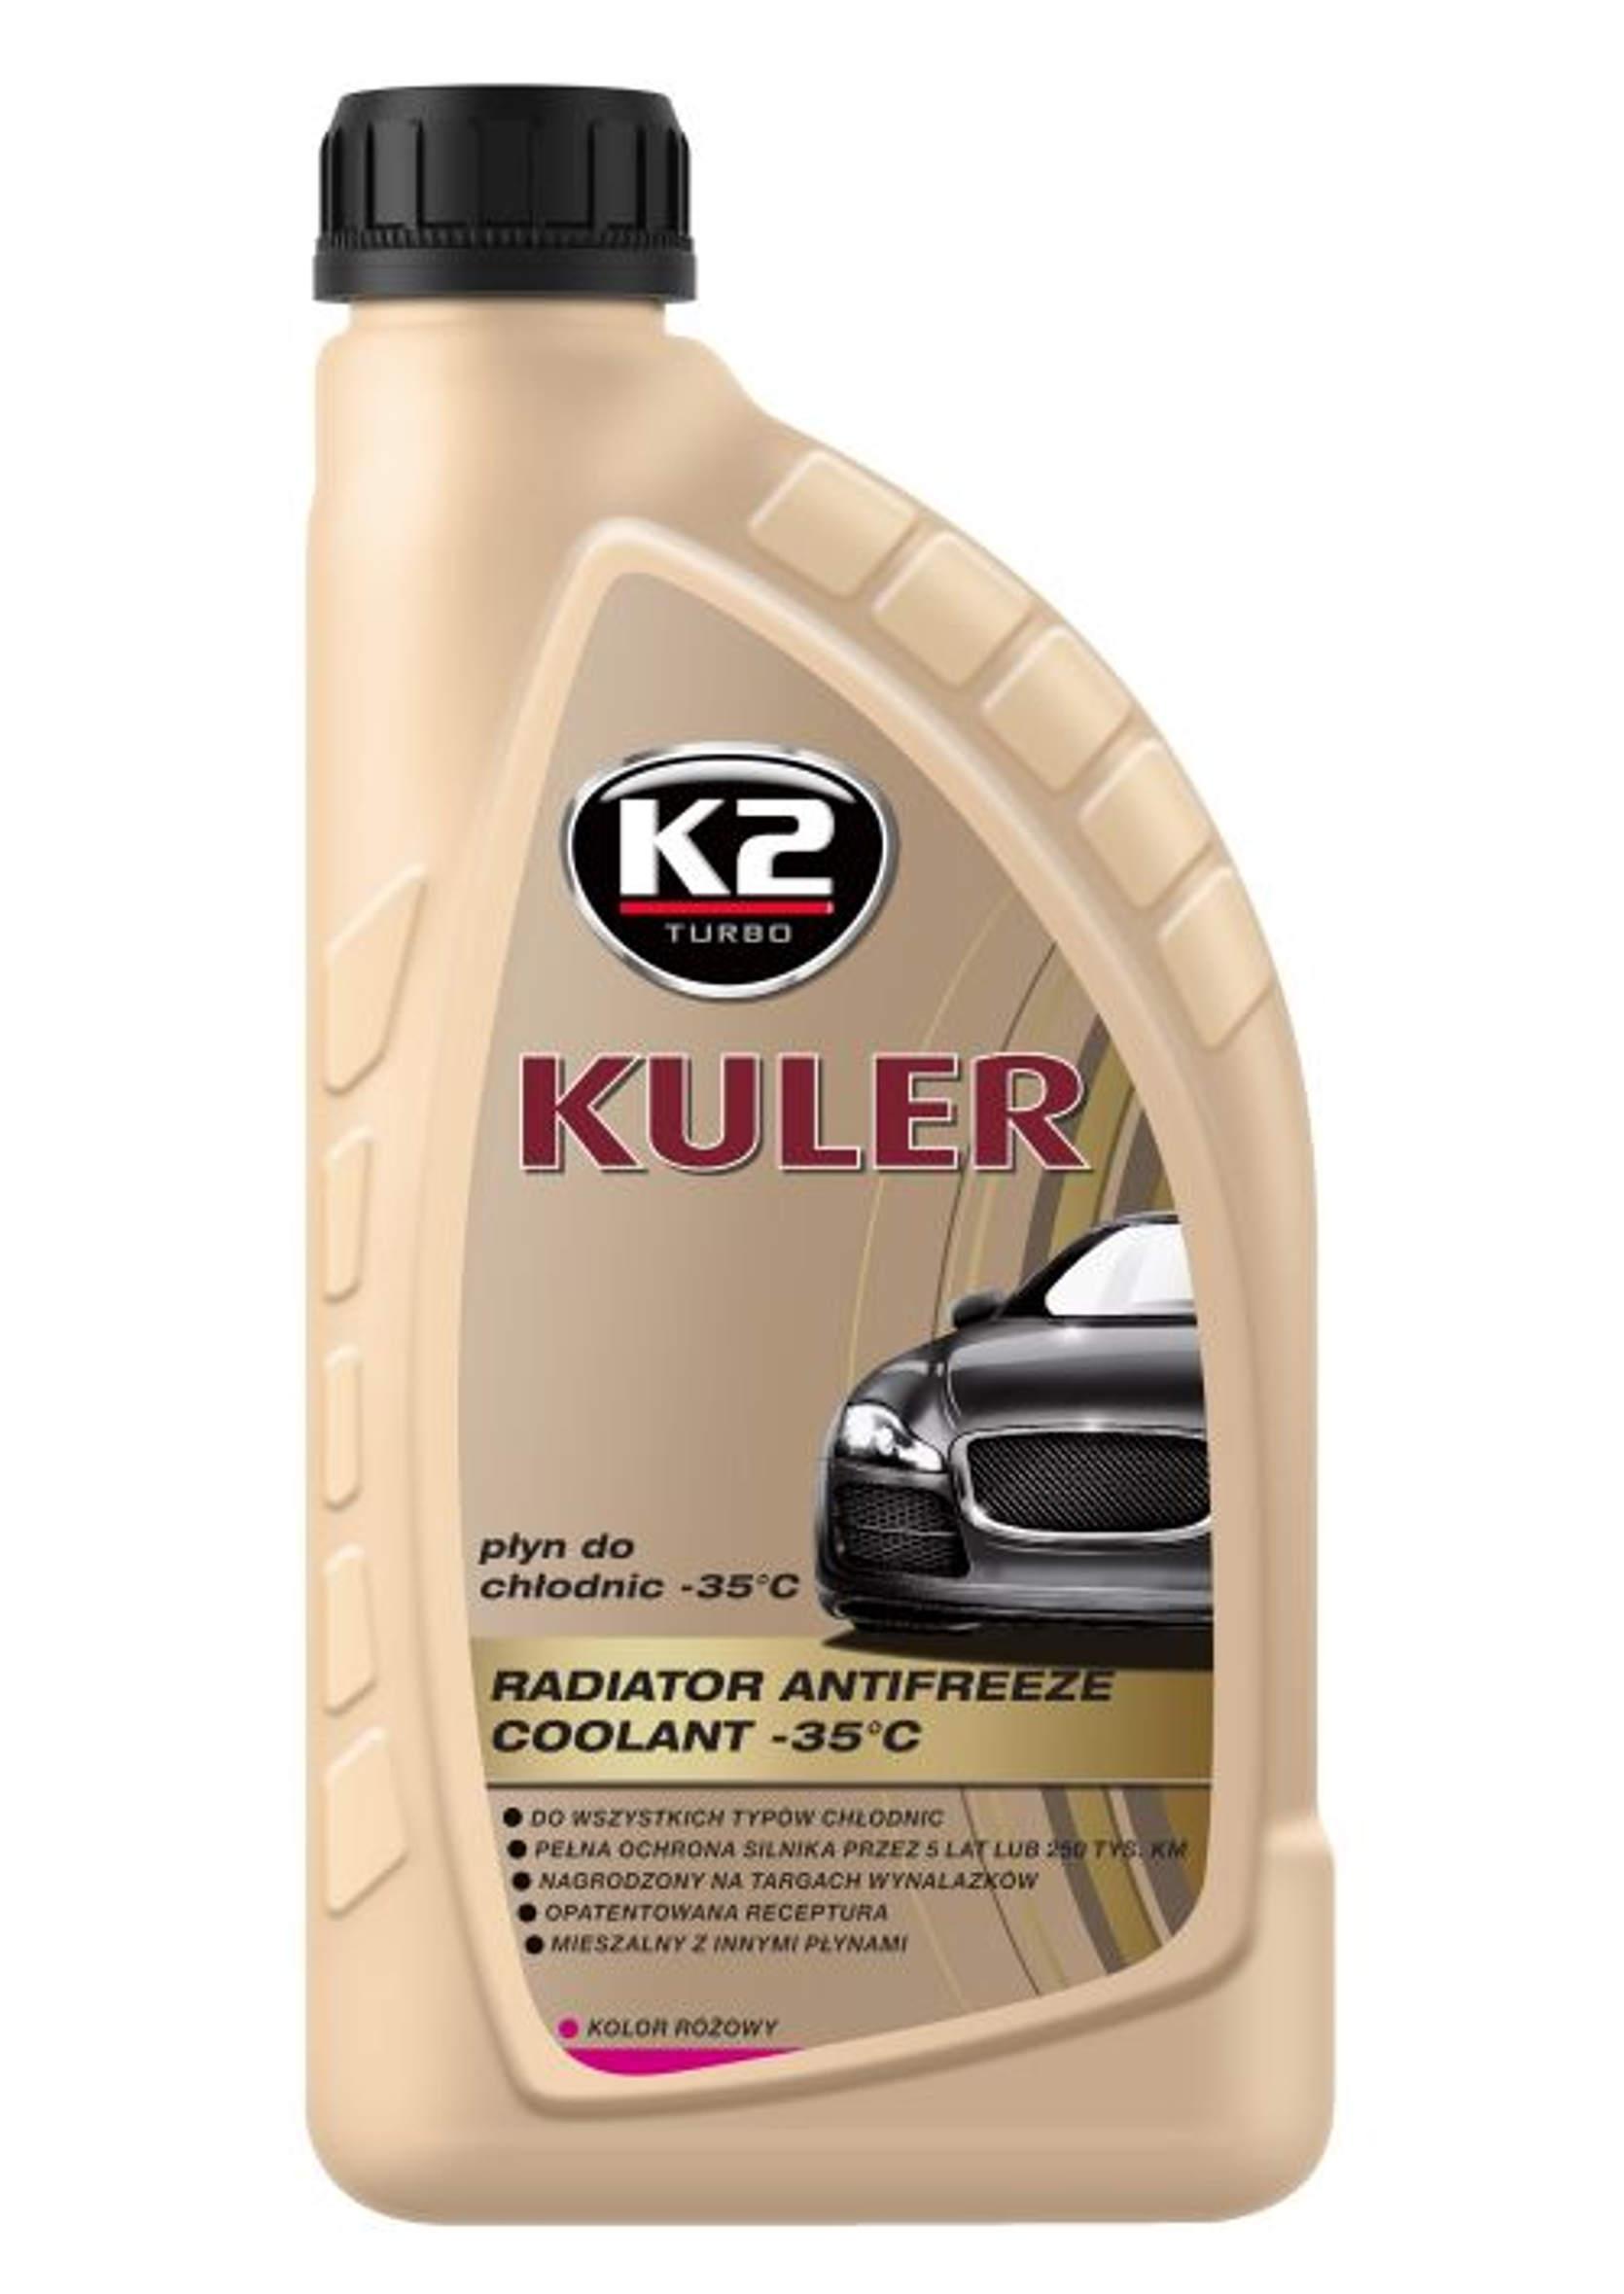 K2 Kuler 1L Płyn Chłodniczy Różowy -35C G13